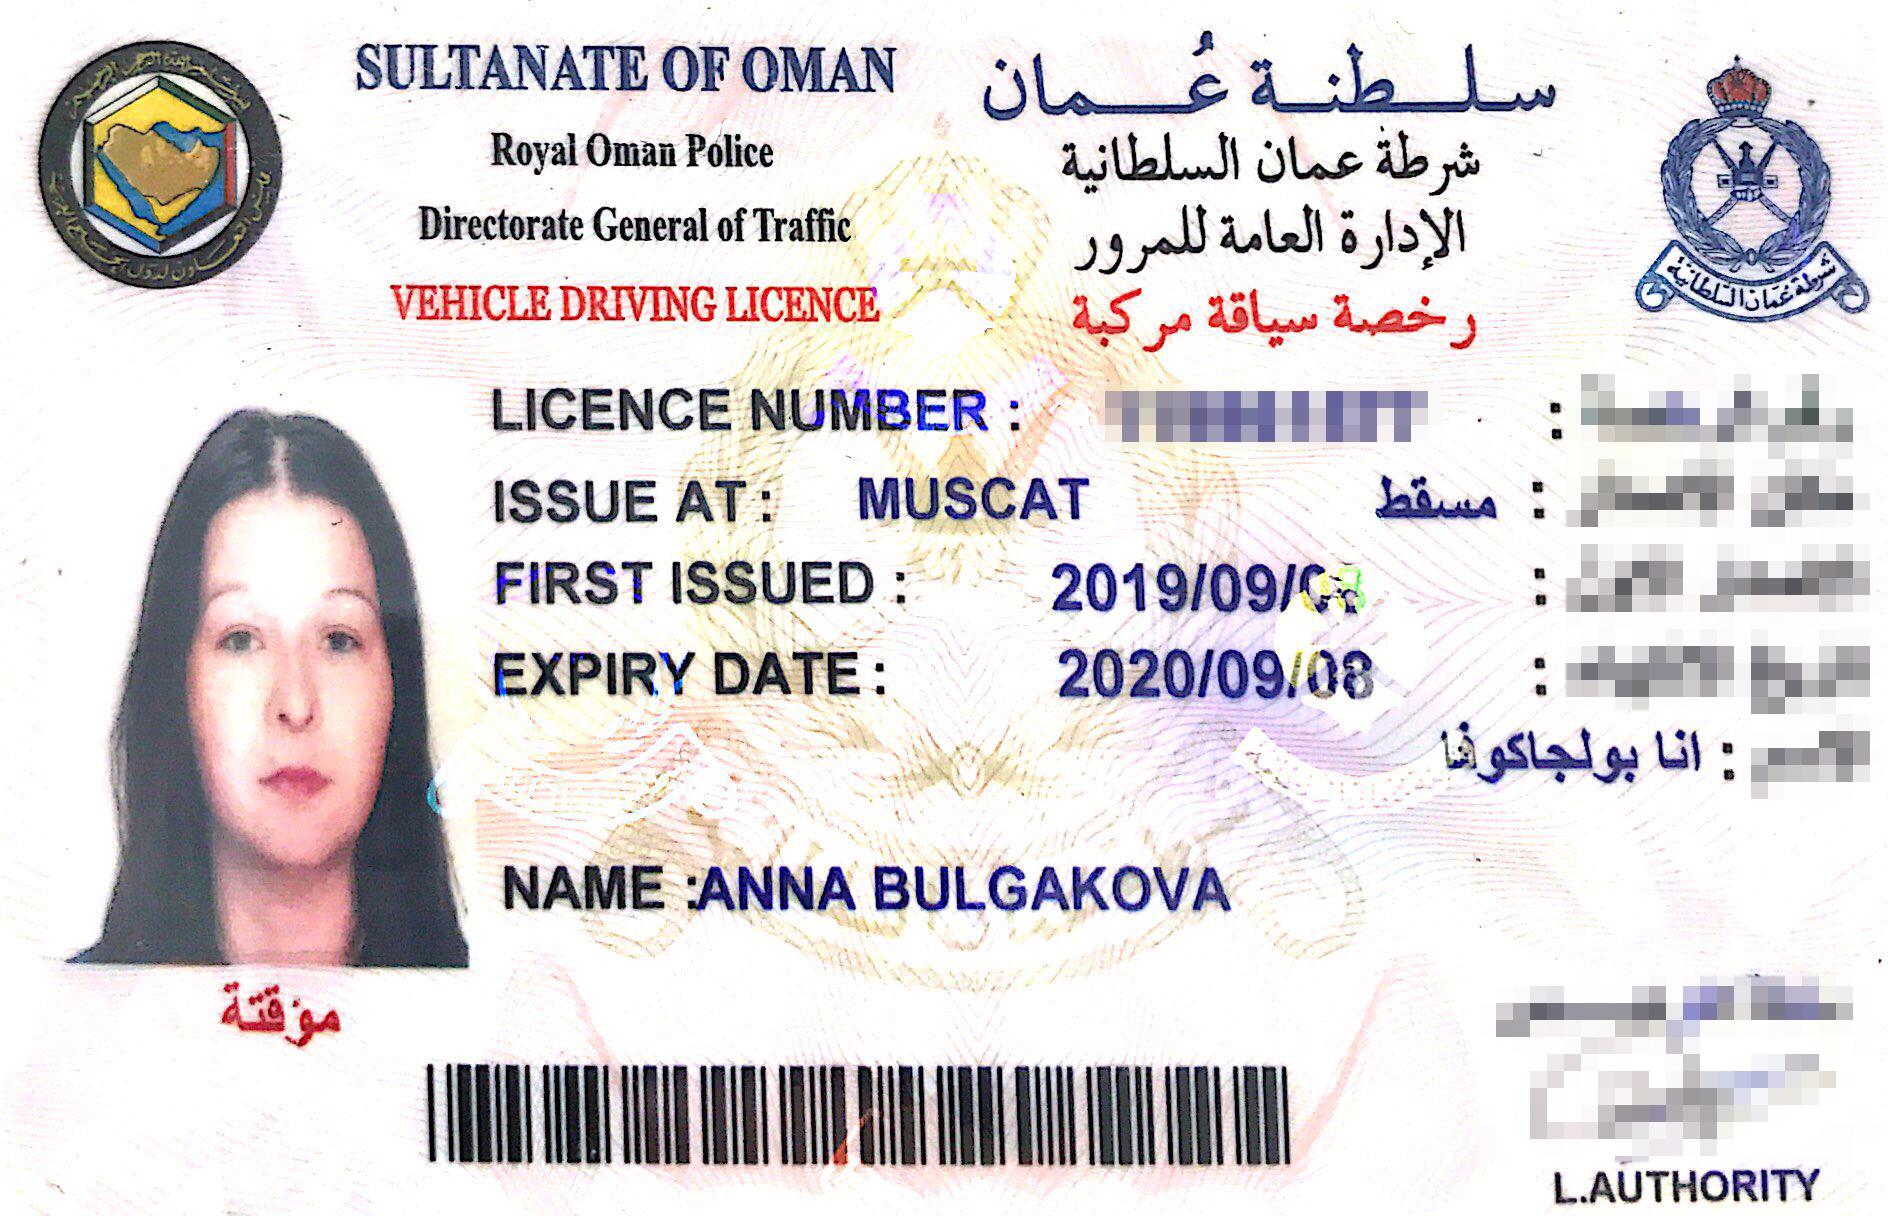 Так выглядят мои оманские права. С ними я могу водить во всех странах Персидского залива: в Бахрейне, Кувейте, ОАЭ, Катаре, а с недавних пор и в Саудовской Аравии